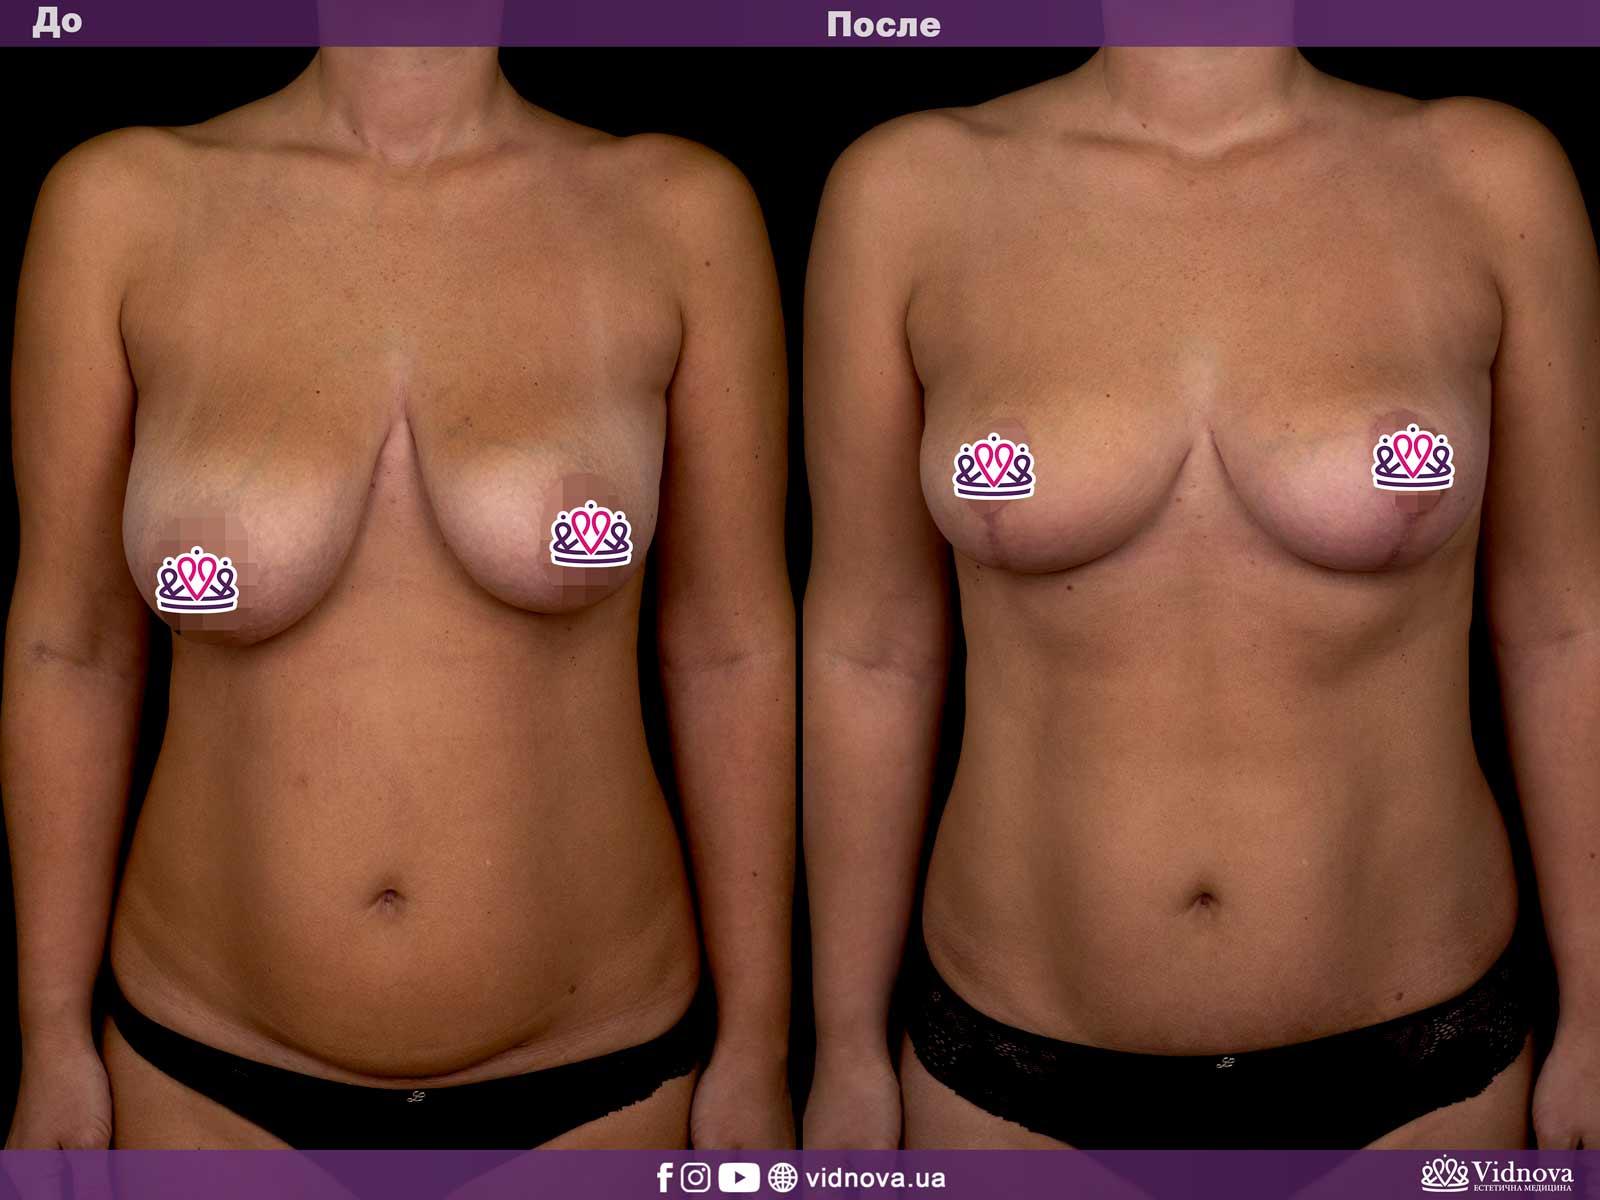 Совмещенные операции: Фото До и После - Пример №1-2 - Клиника Vidnova